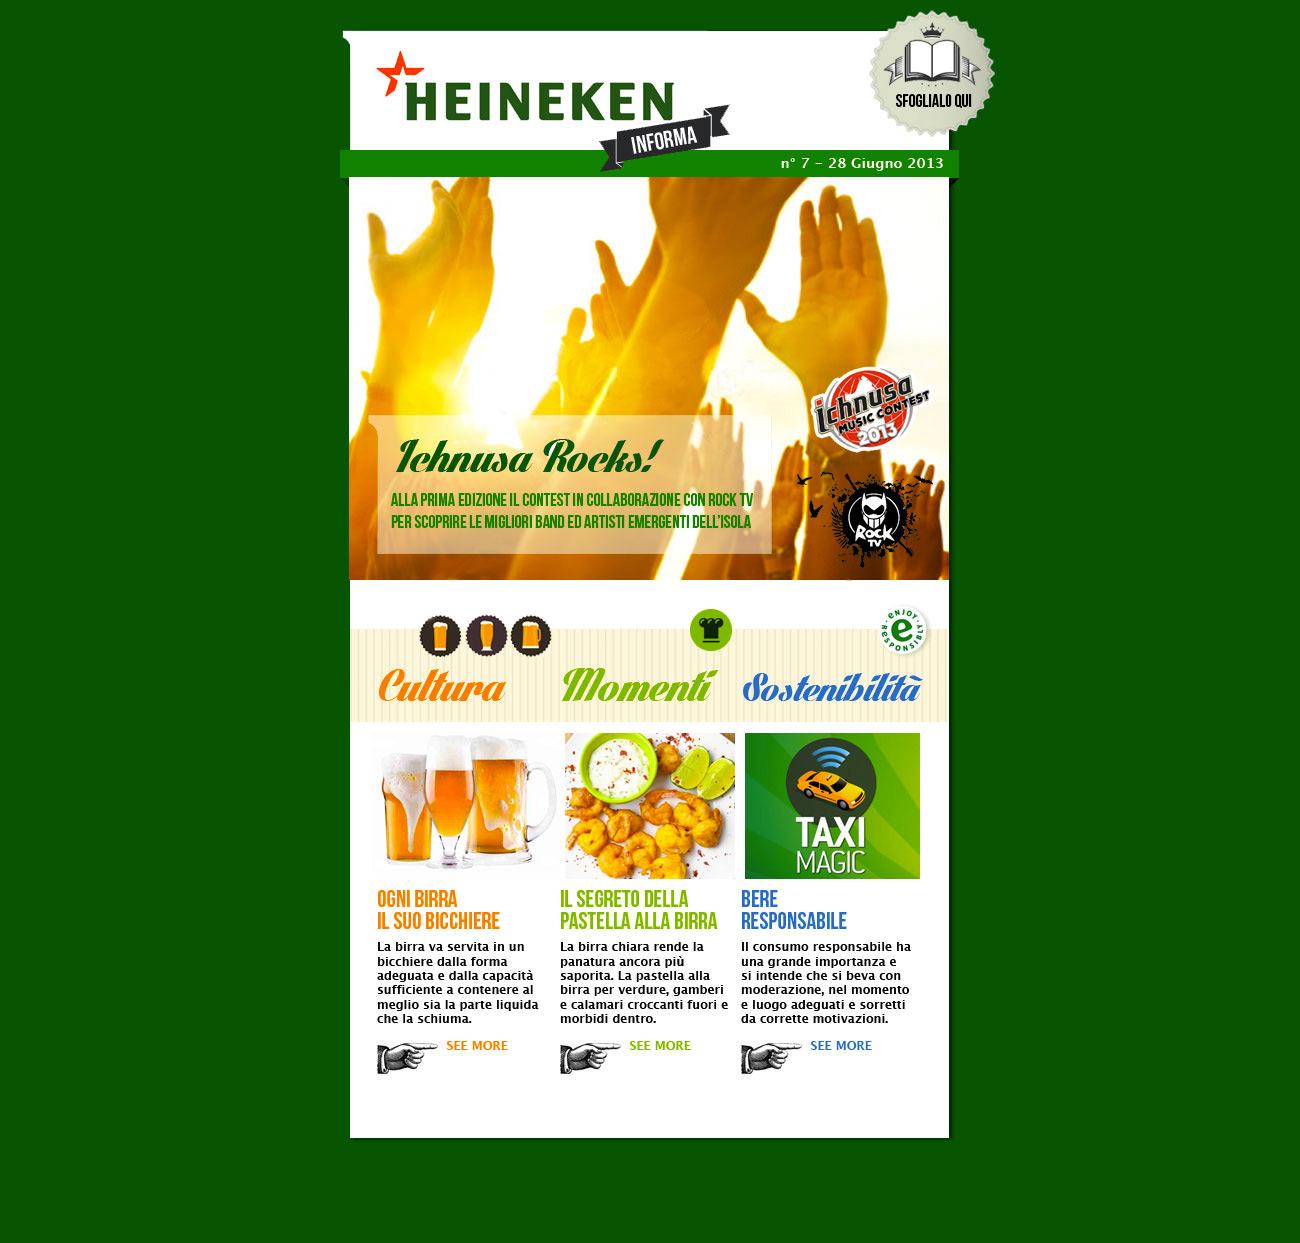 Heineken newsletter